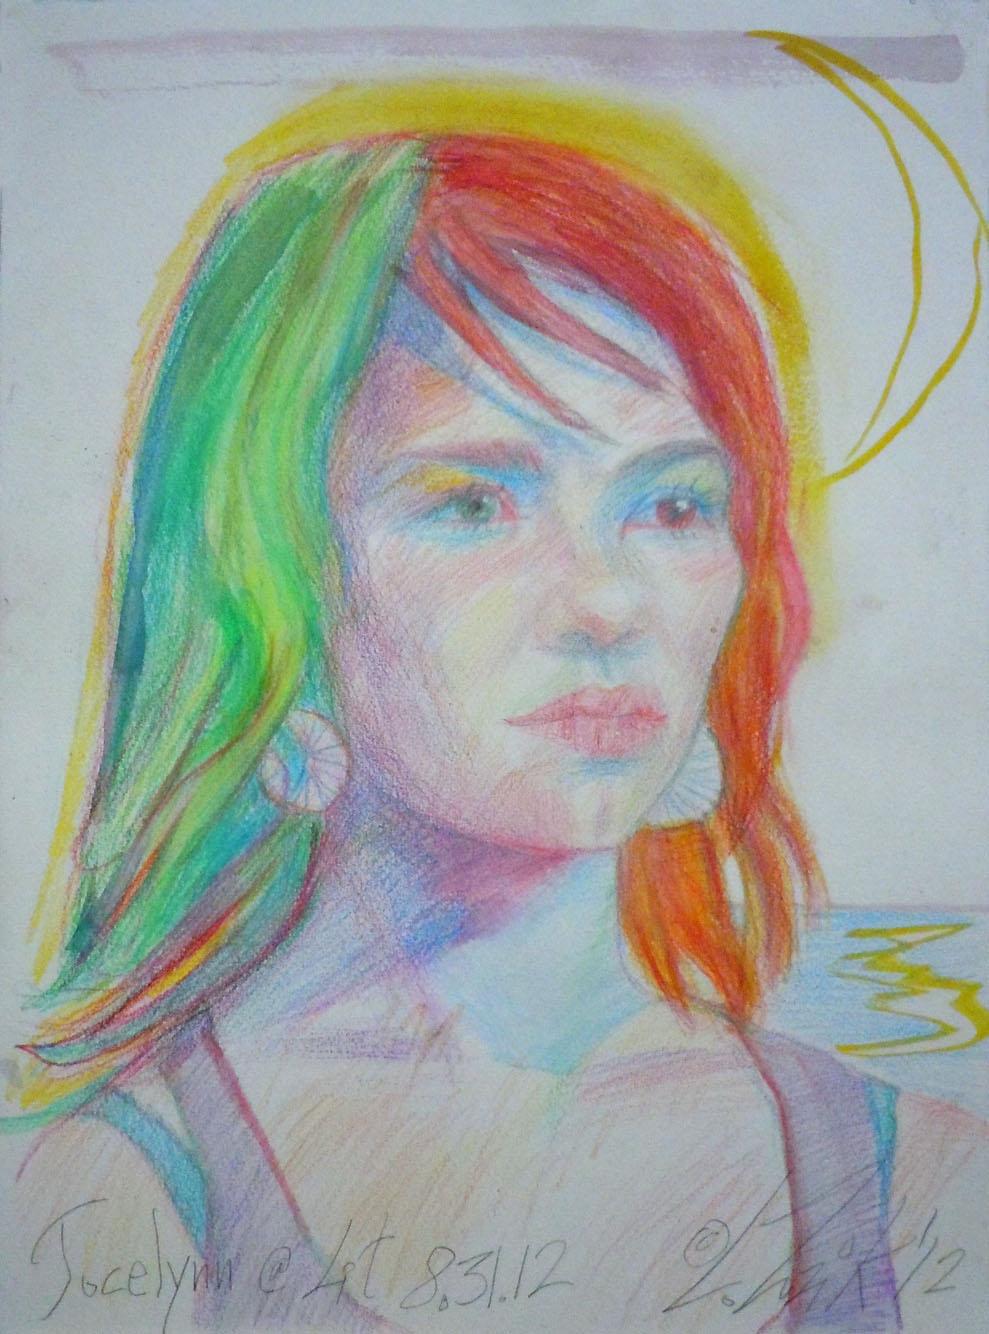 Jocelynn Nichelle by Larry Zuzik 8-31-12.jpg